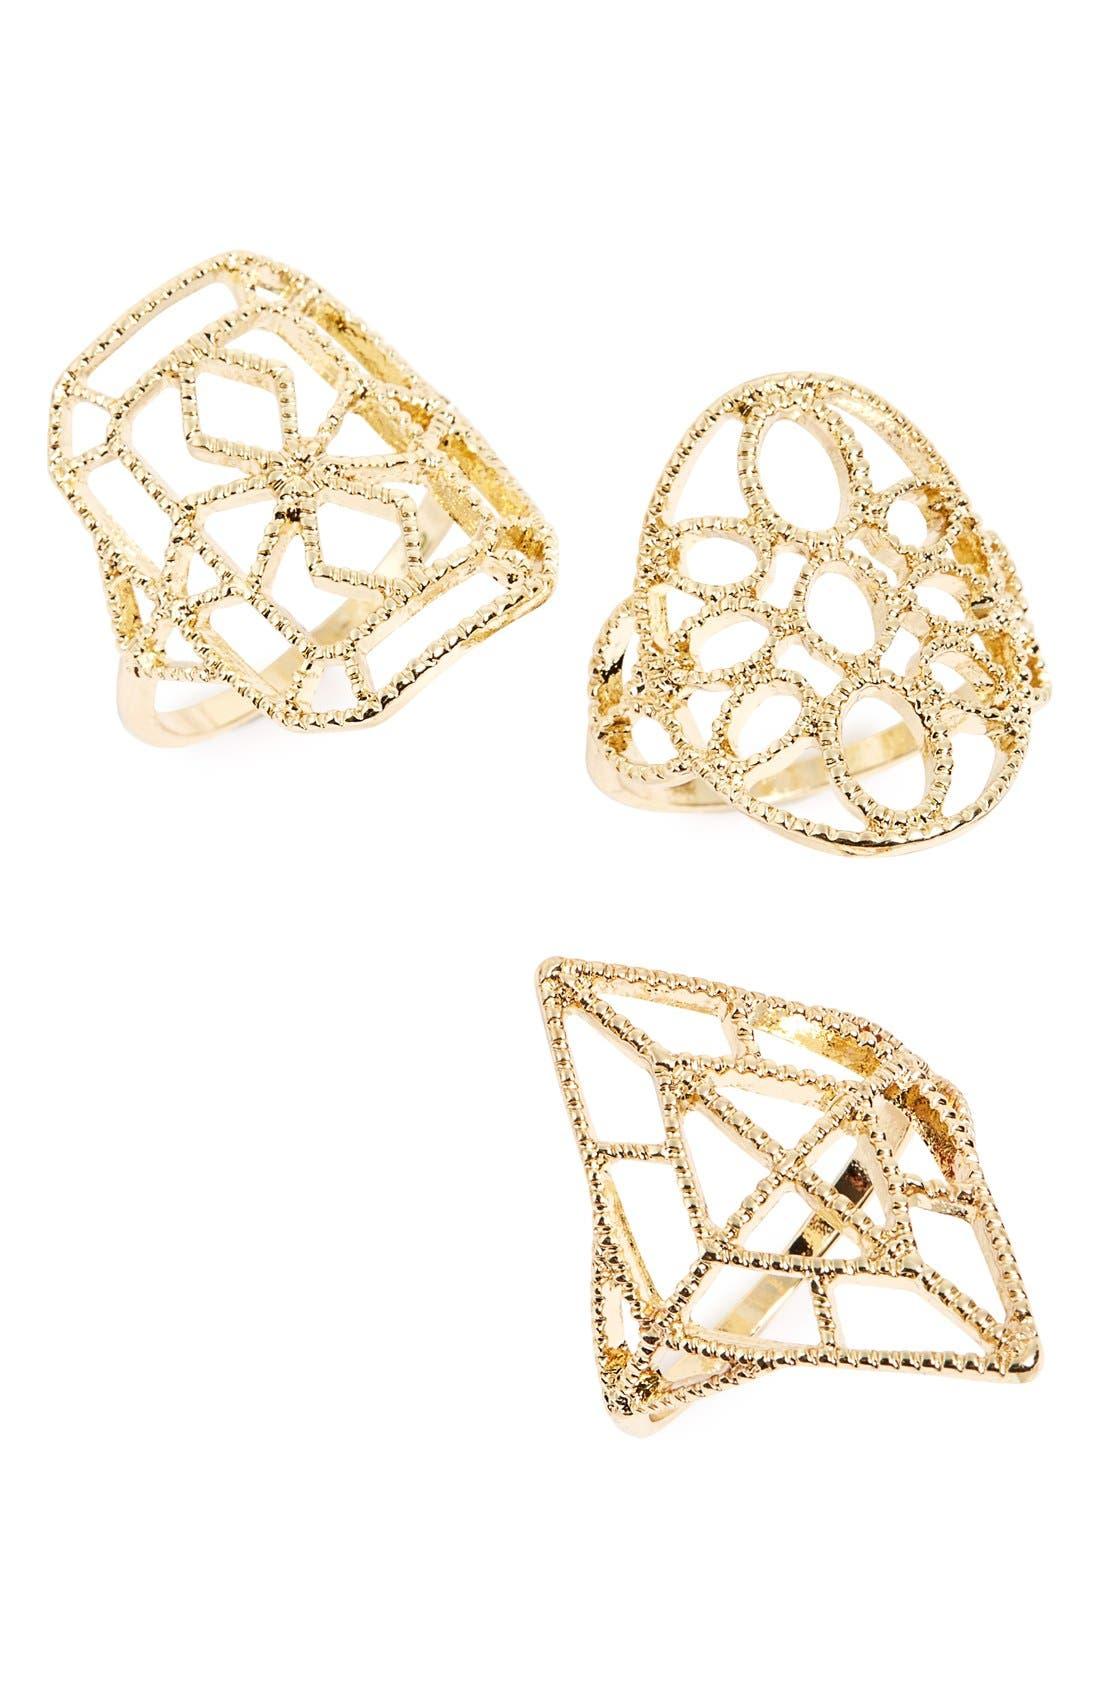 Main Image - Topshop Filigree Cutout Rings (Set of 3)